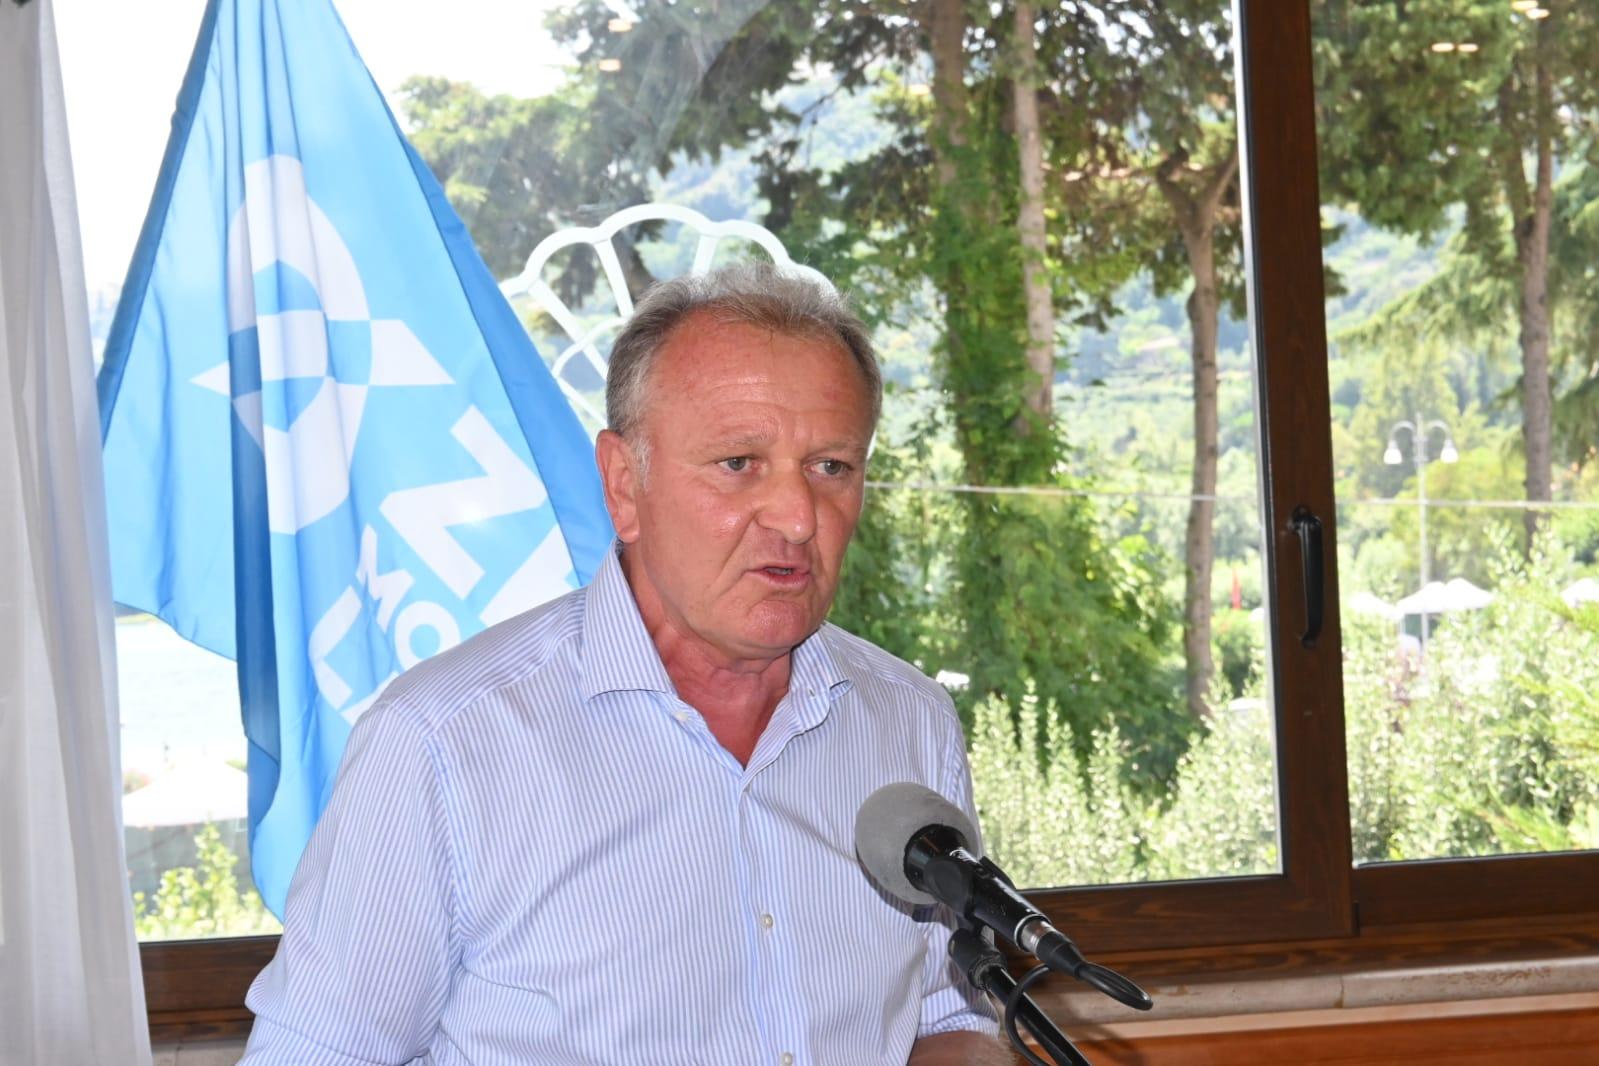 Il Segretario Generale, Claudio Tarlazzi, ha chiuso i lavori del Consiglio Regionale Uiltrasporti Lazio